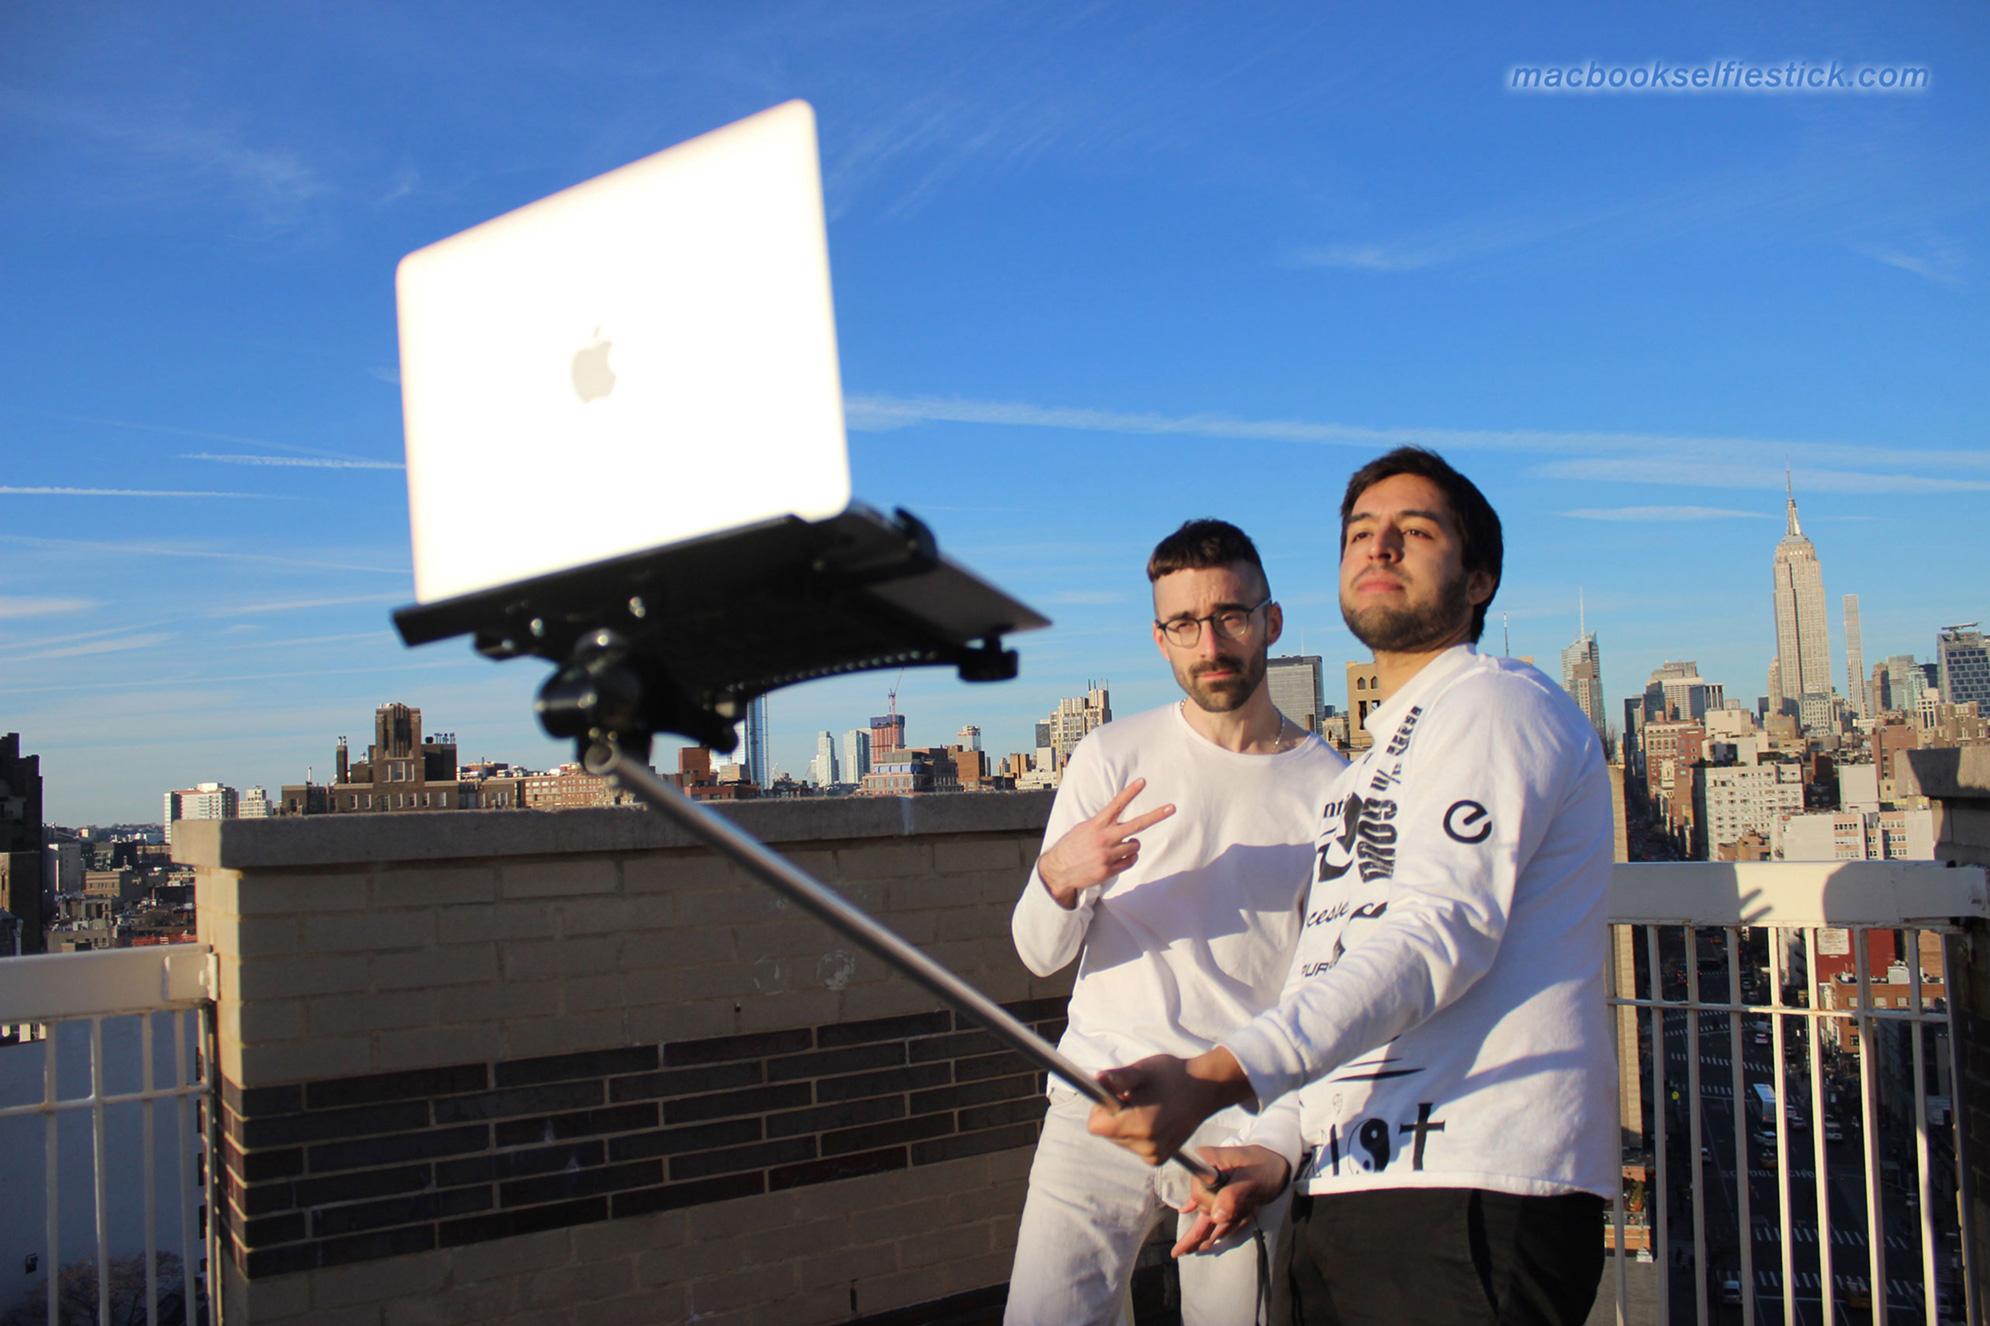 MacBook Selfie Stick 28